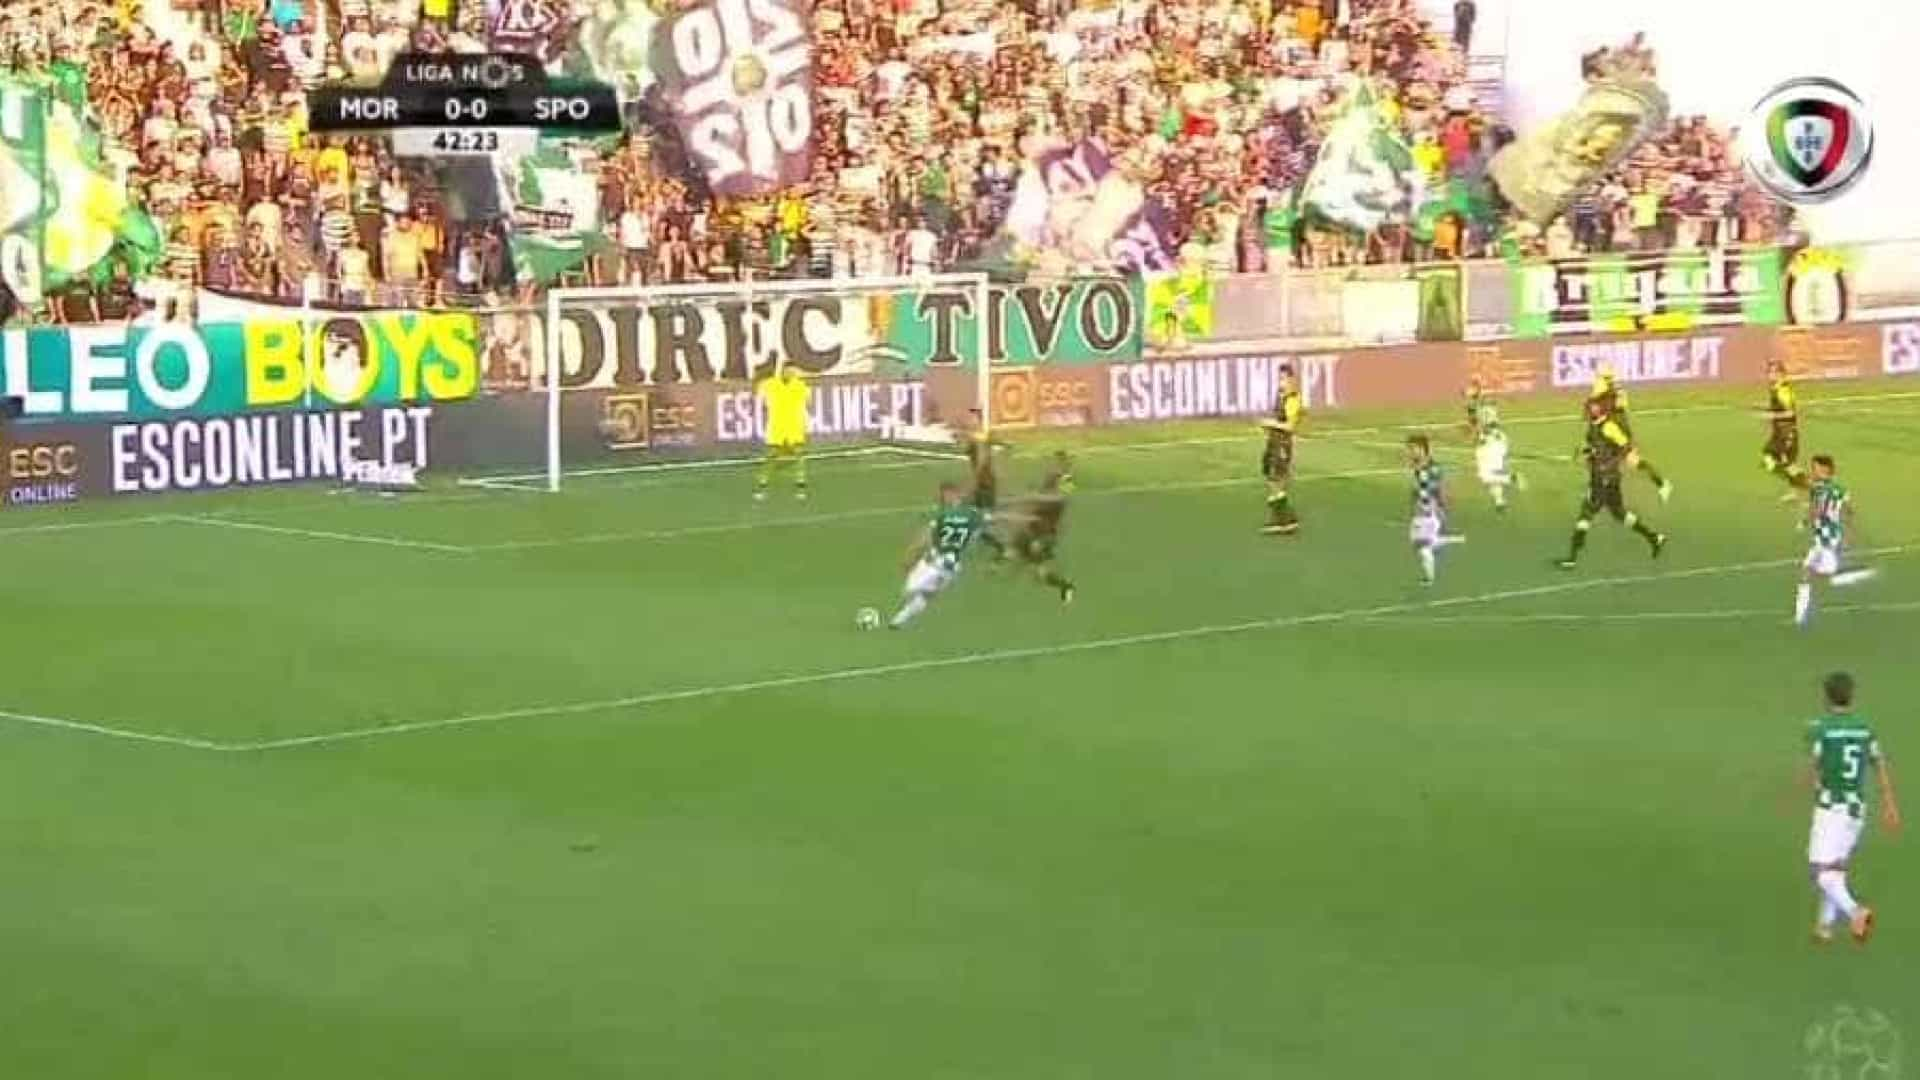 Moreirense 1-0 Sporting